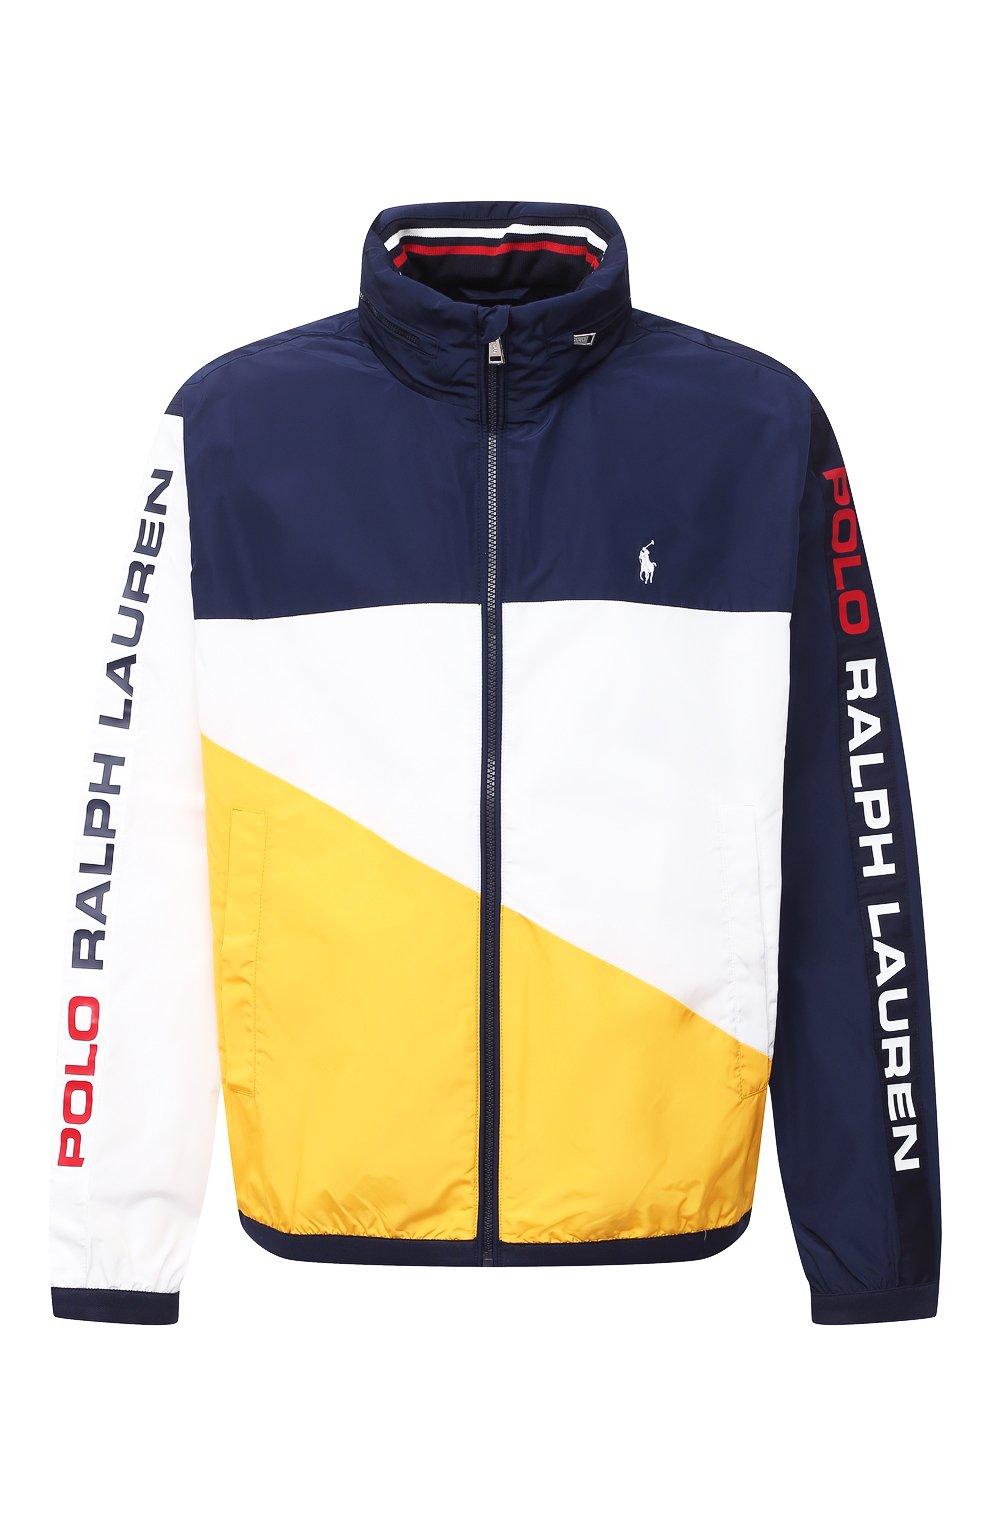 Мужская куртка POLO RALPH LAUREN разноцветного цвета, арт. 711803374/PRL BS   Фото 1 (Кросс-КТ: Куртка, Ветровка; Big sizes: Big Sizes; Рукава: Длинные; Материал внешний: Синтетический материал; Мужское Кросс-КТ: Куртка-верхняя одежда, Верхняя одежда; Материал подклада: Синтетический материал; Длина (верхняя одежда): Короткие; Стили: Кэжуэл)